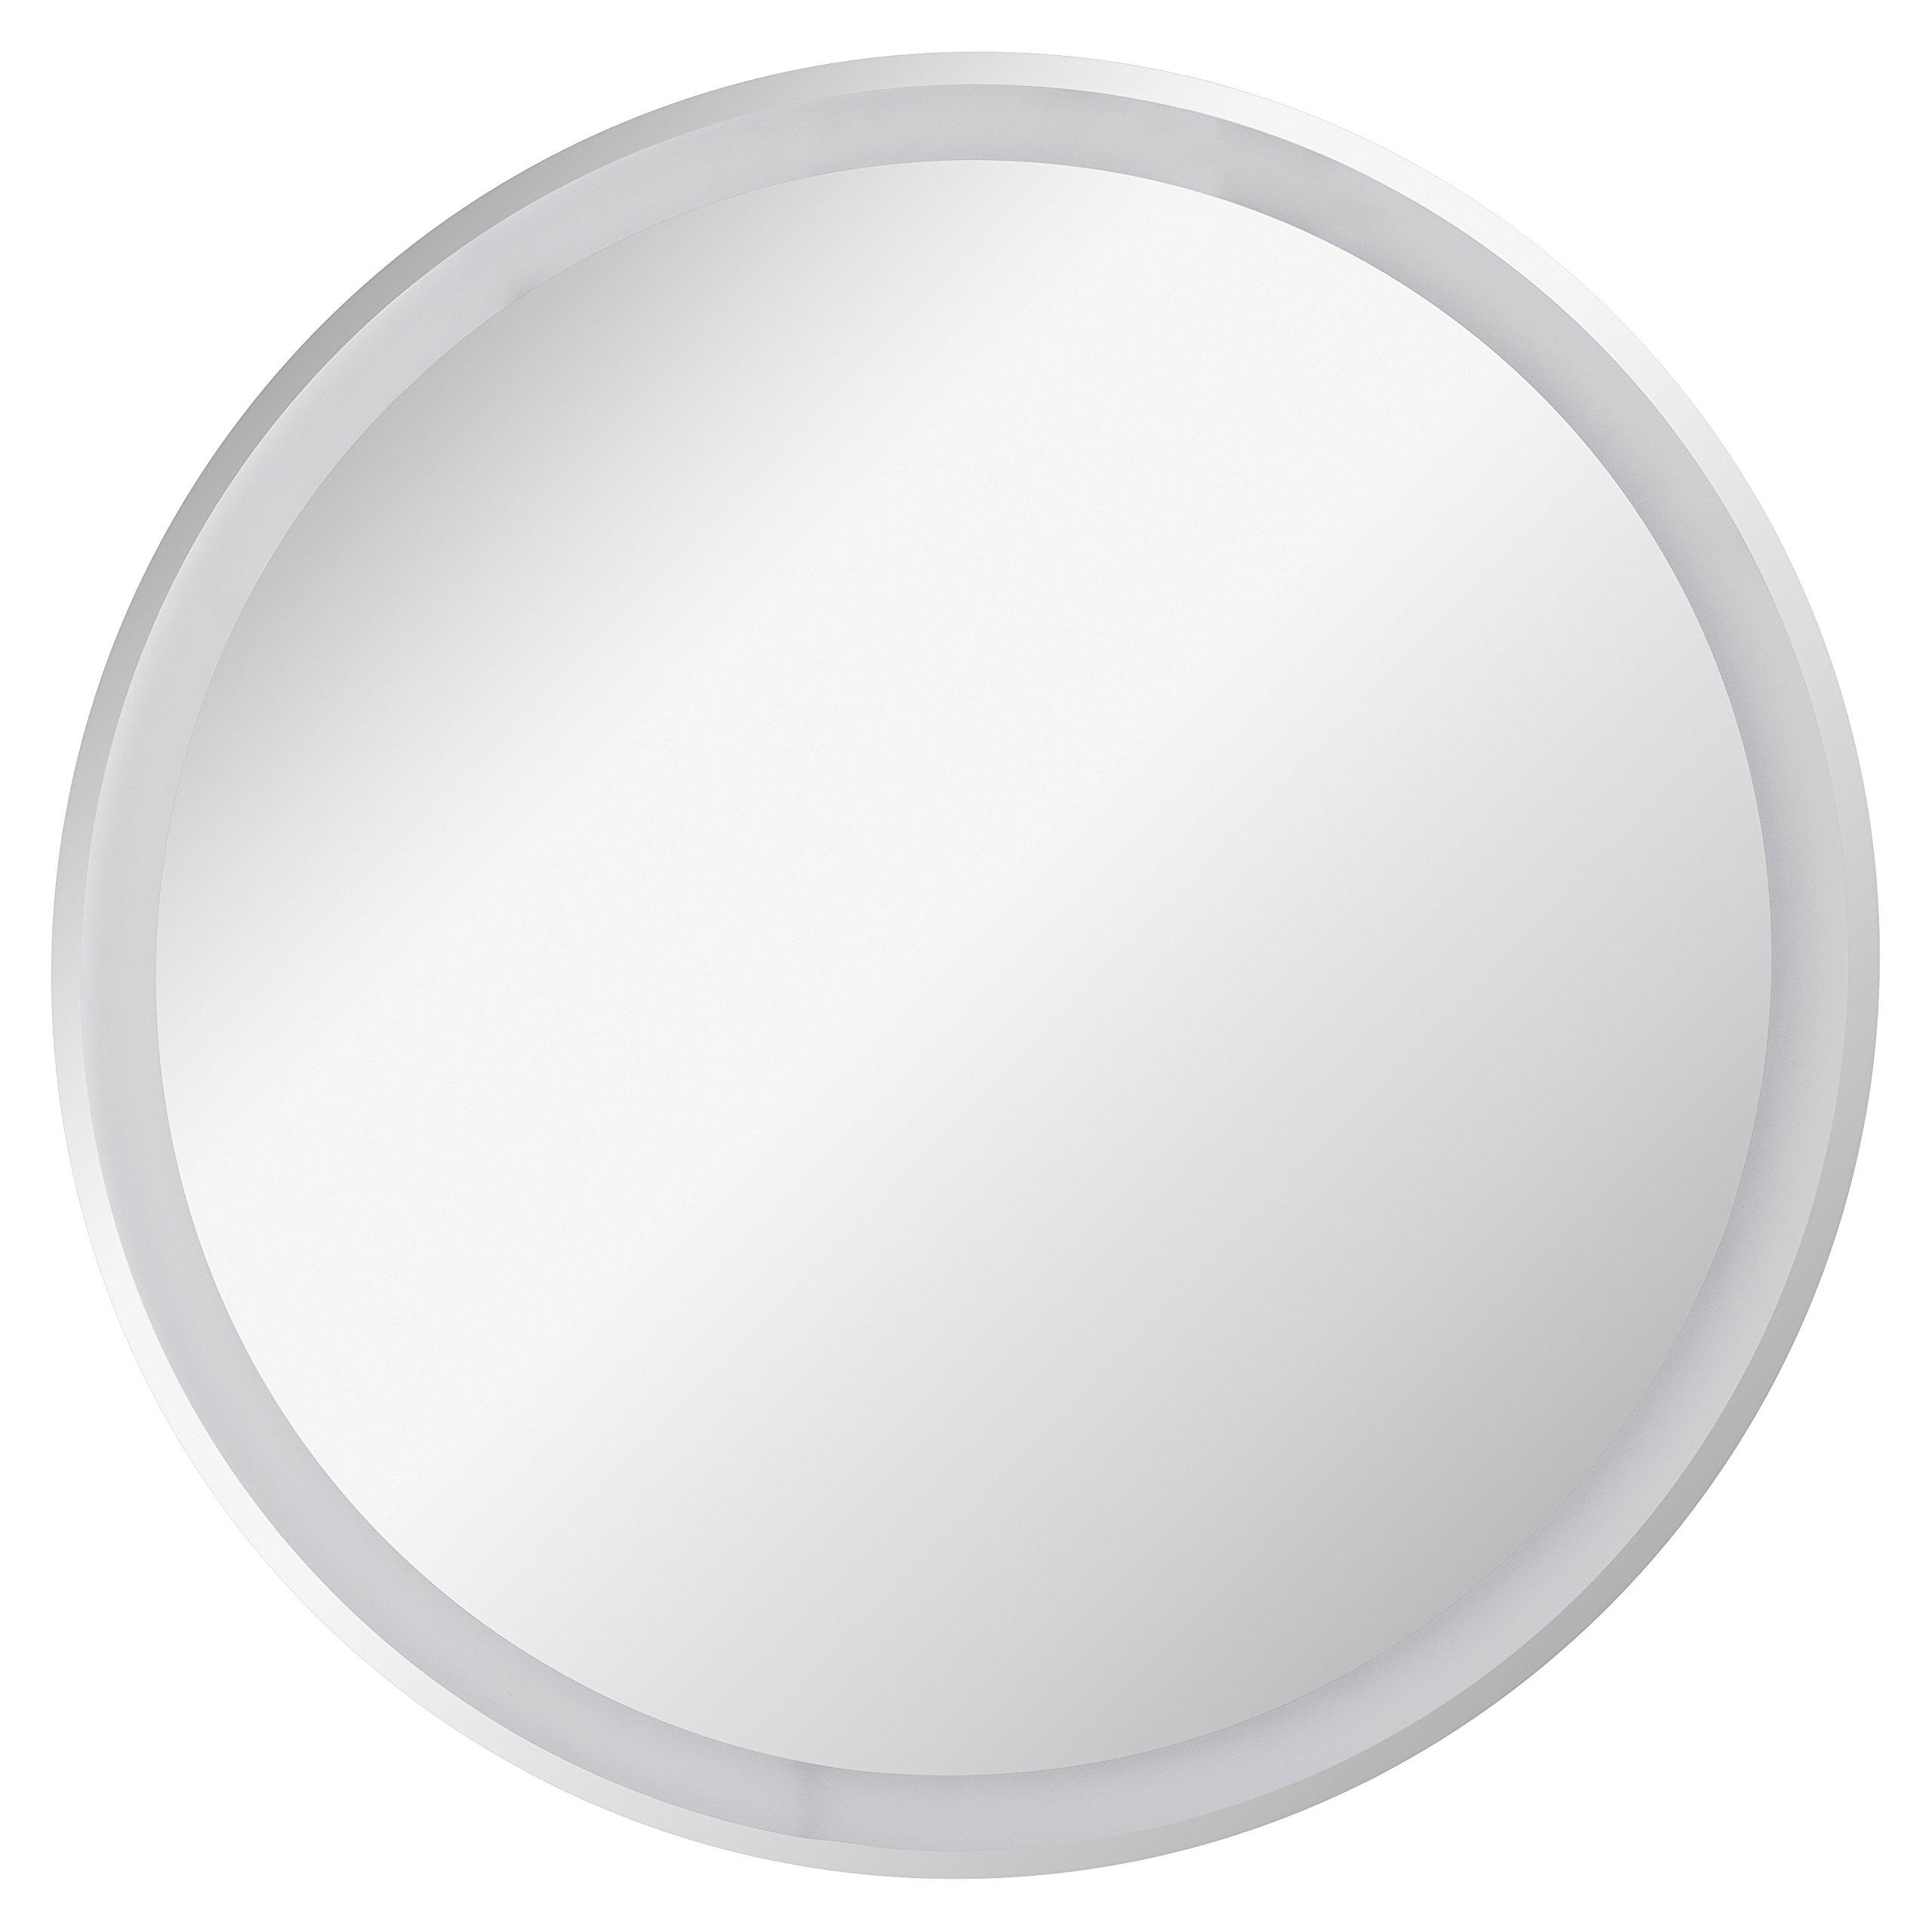 Redondo 40 cm CustomGlass Espejo de Pared Redondo con iluminaci/ón led en Varias Medidas con Forma Circular